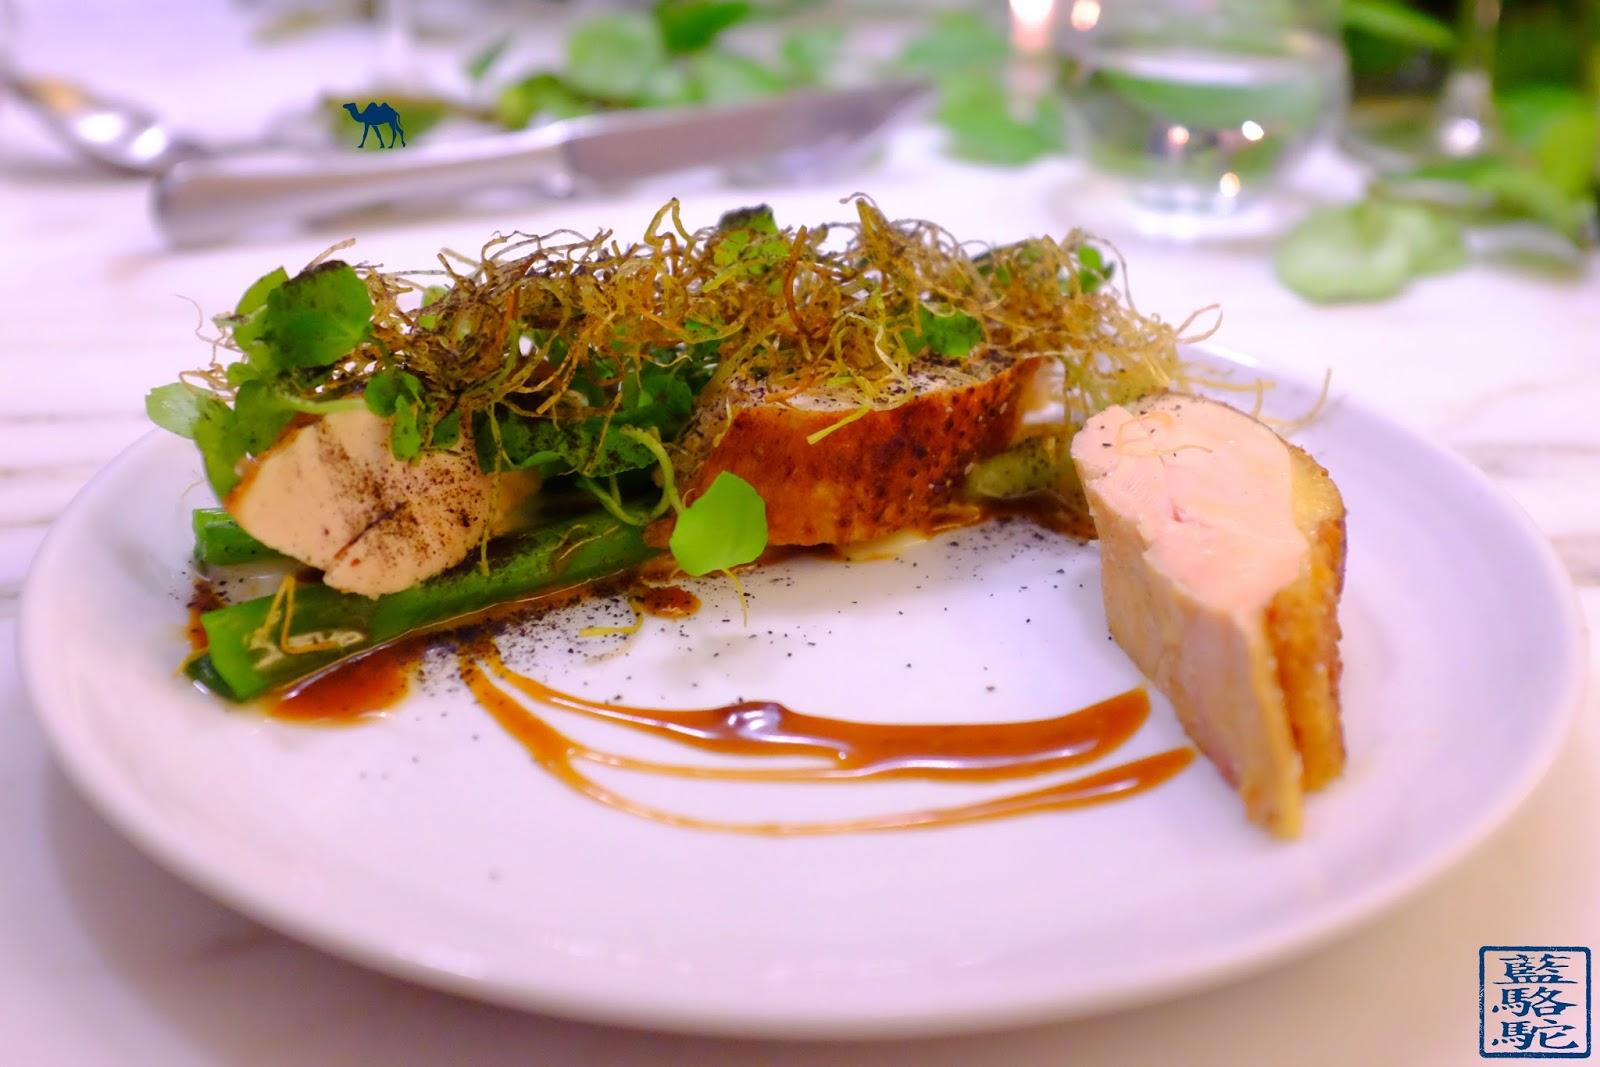 Le Chameau Bleu - Blog Gastronomie et Voyage - NoGlu Paris - Poularde, Poireaux , Crème de camembert